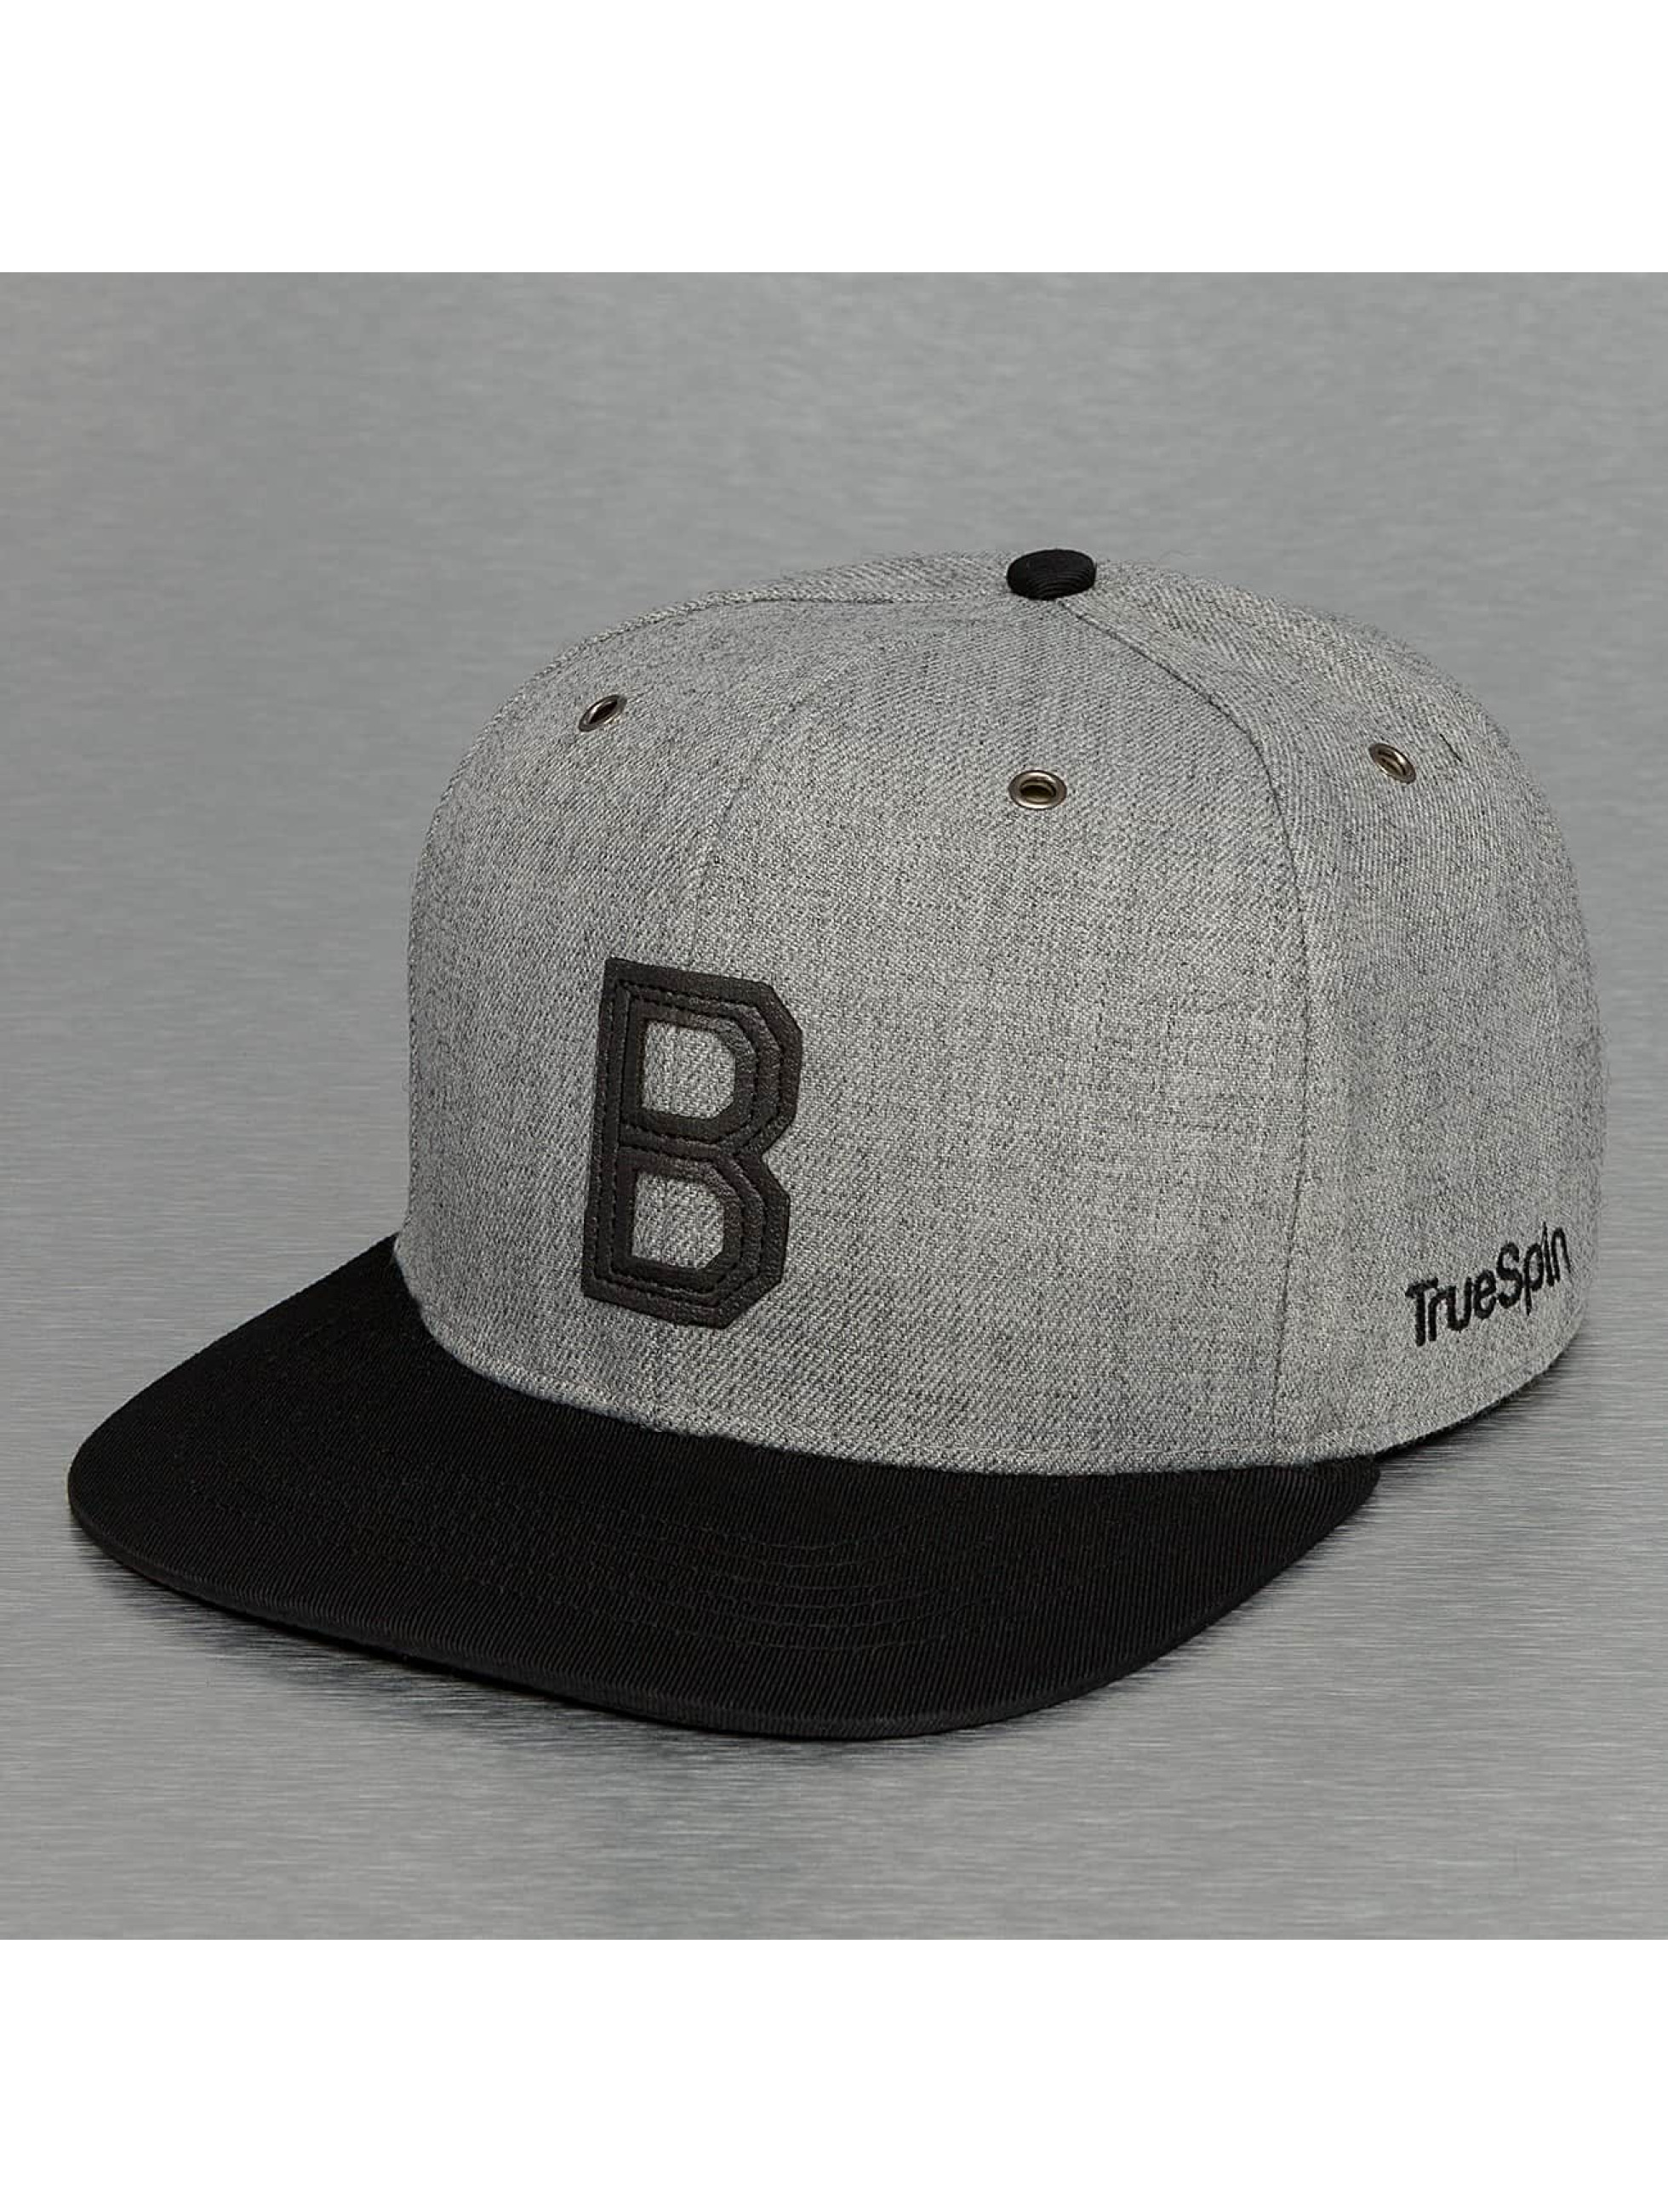 TrueSpin snapback cap ABC-B Wool grijs